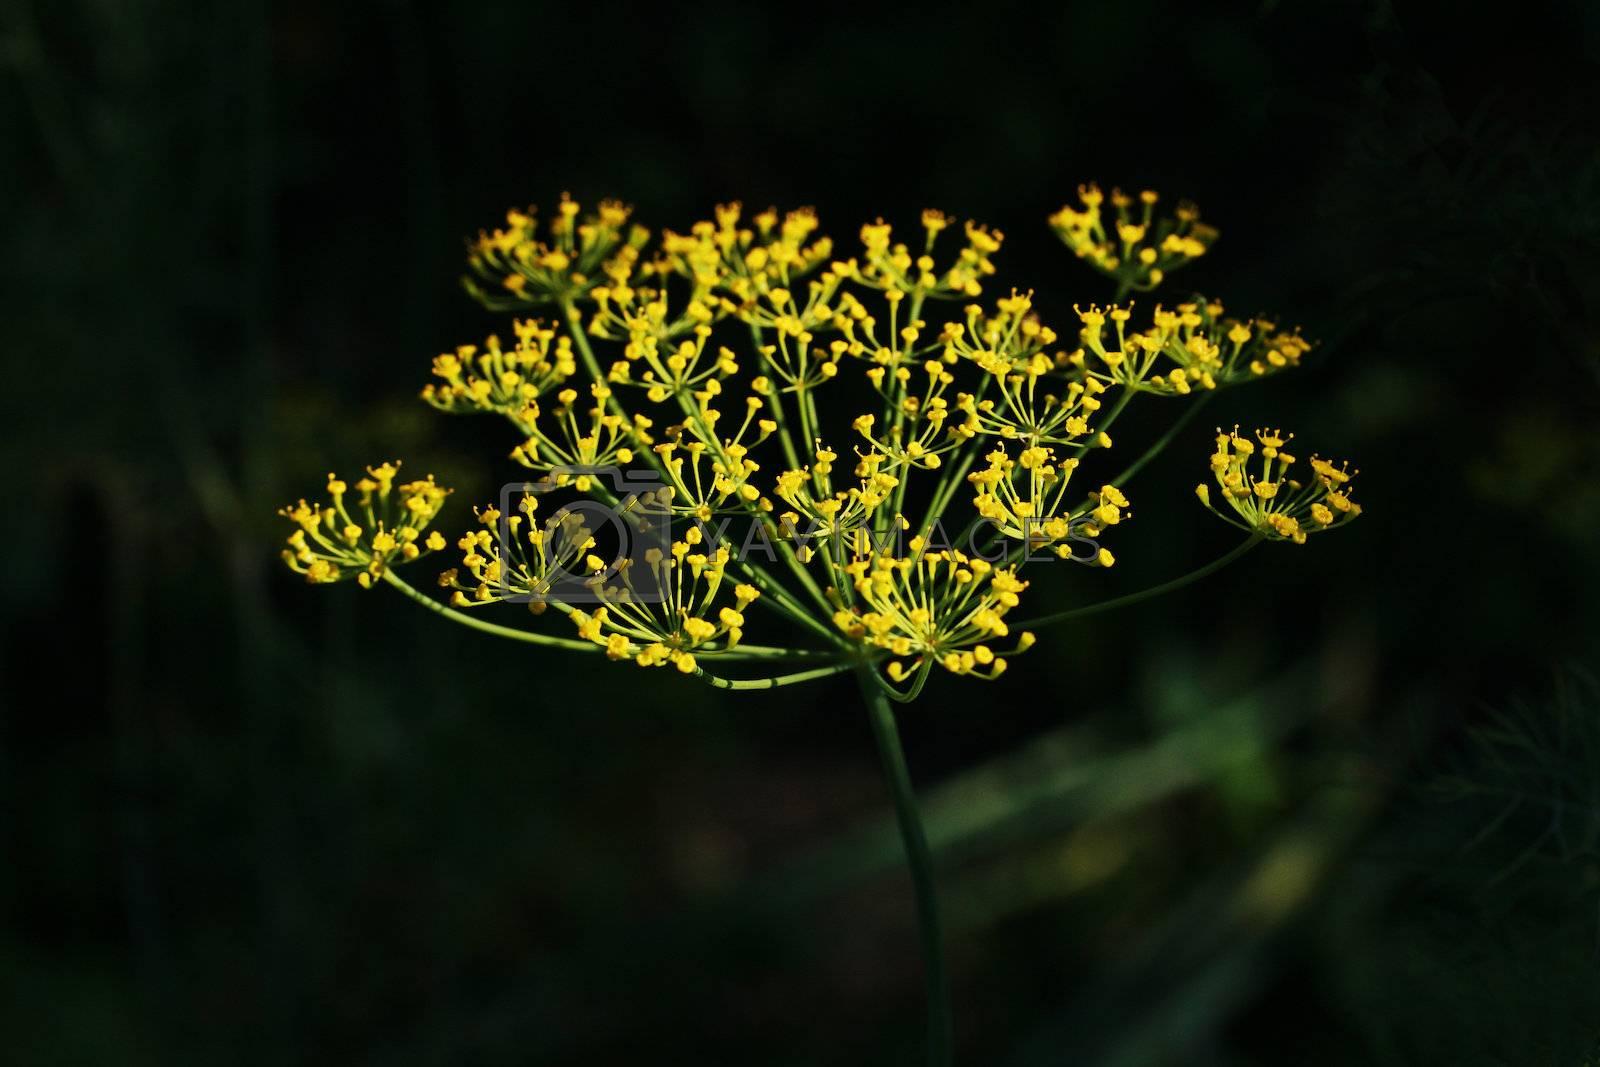 Flower of fennel shone on the dark dim background